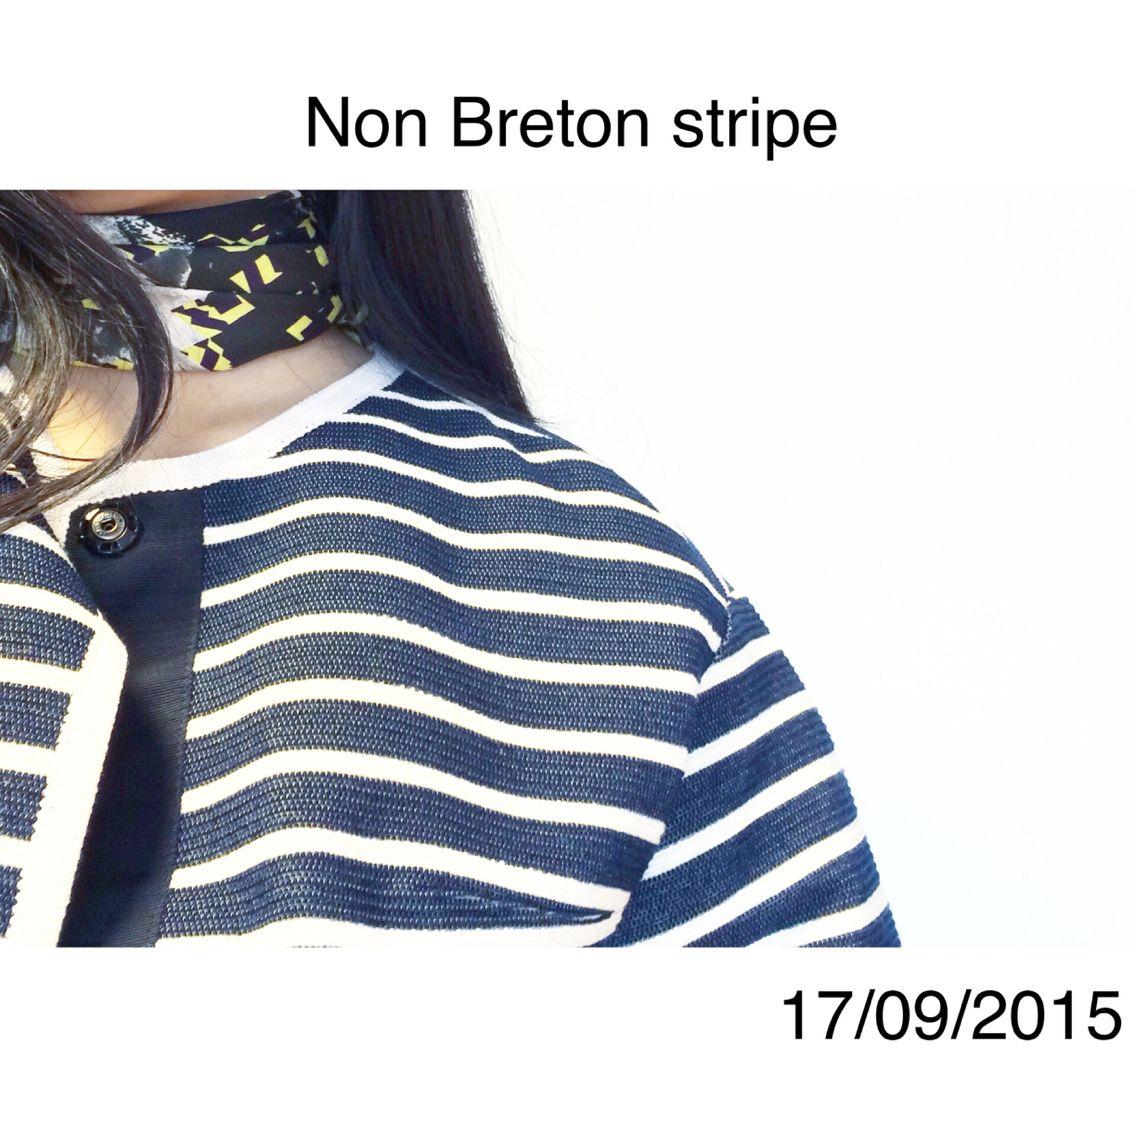 Non Breton stripe